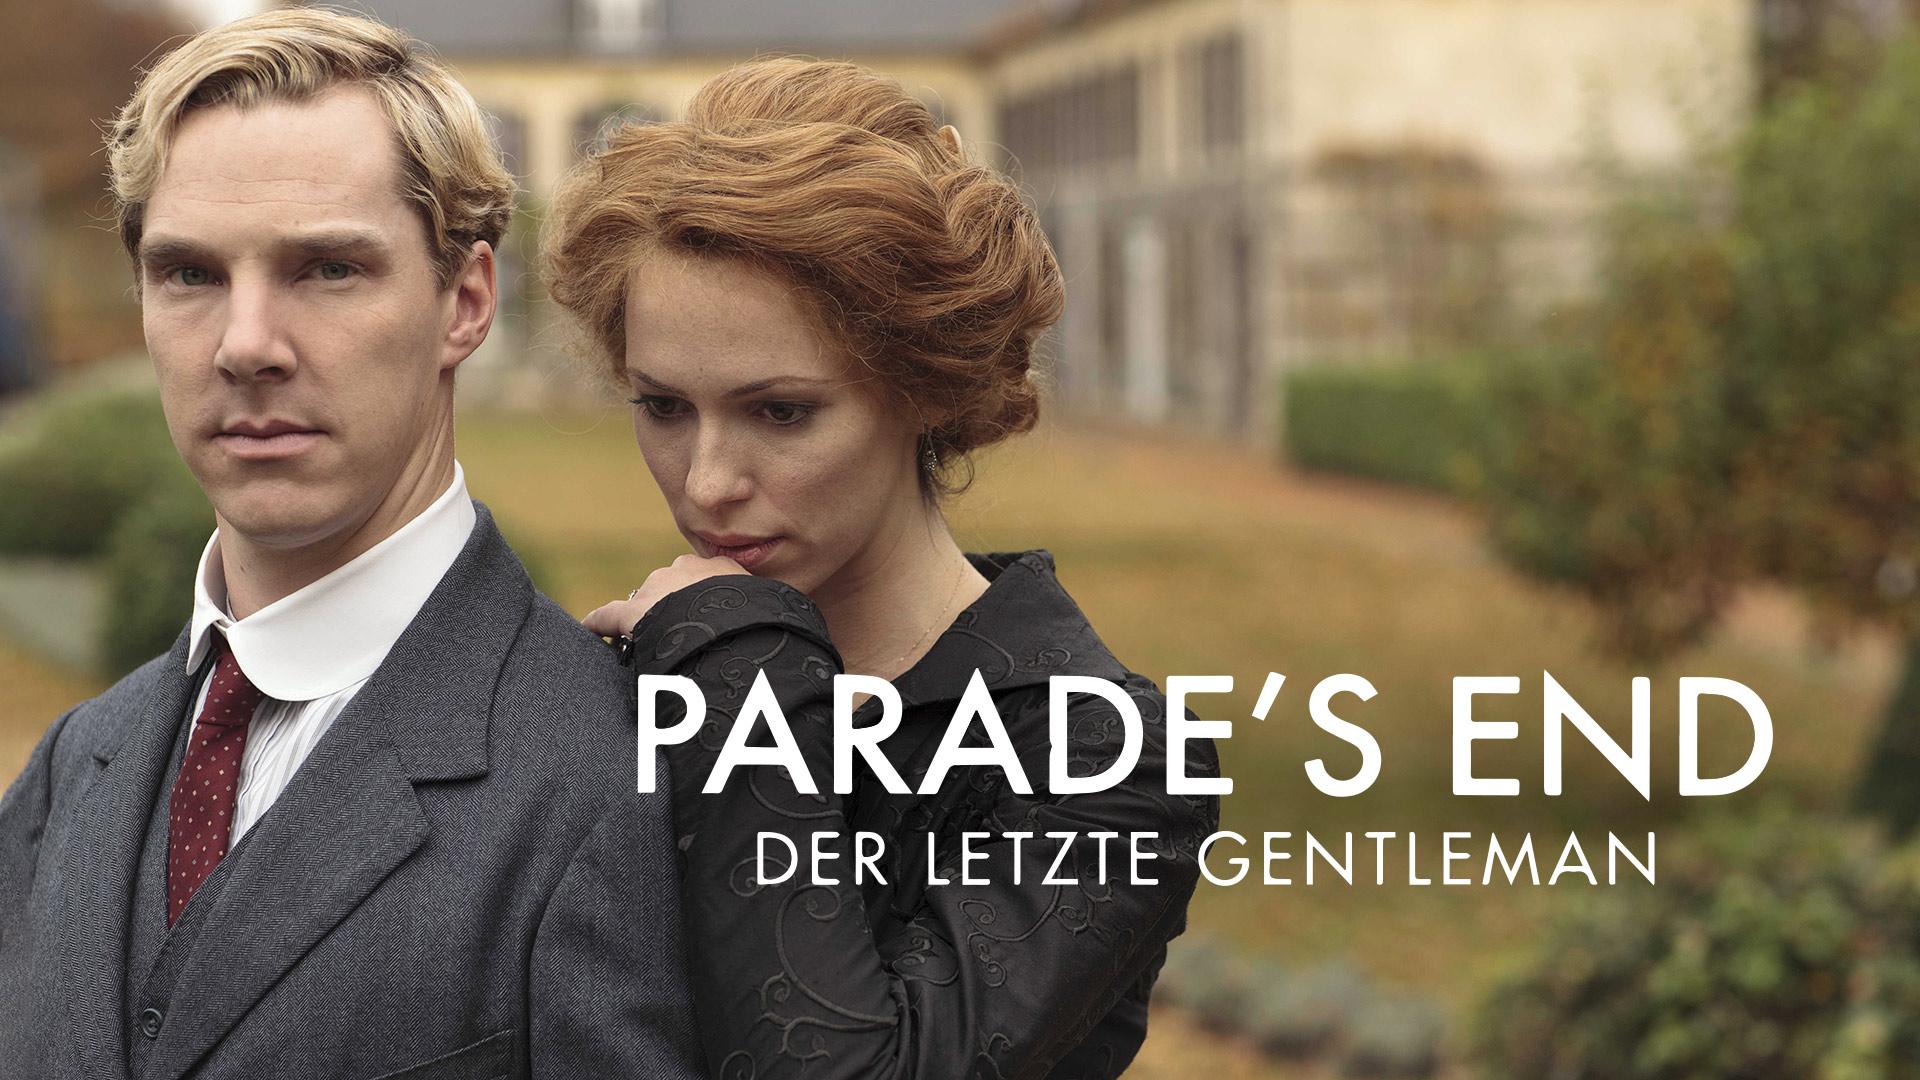 Parade's End - Der letzte Gentleman [dt./OV]